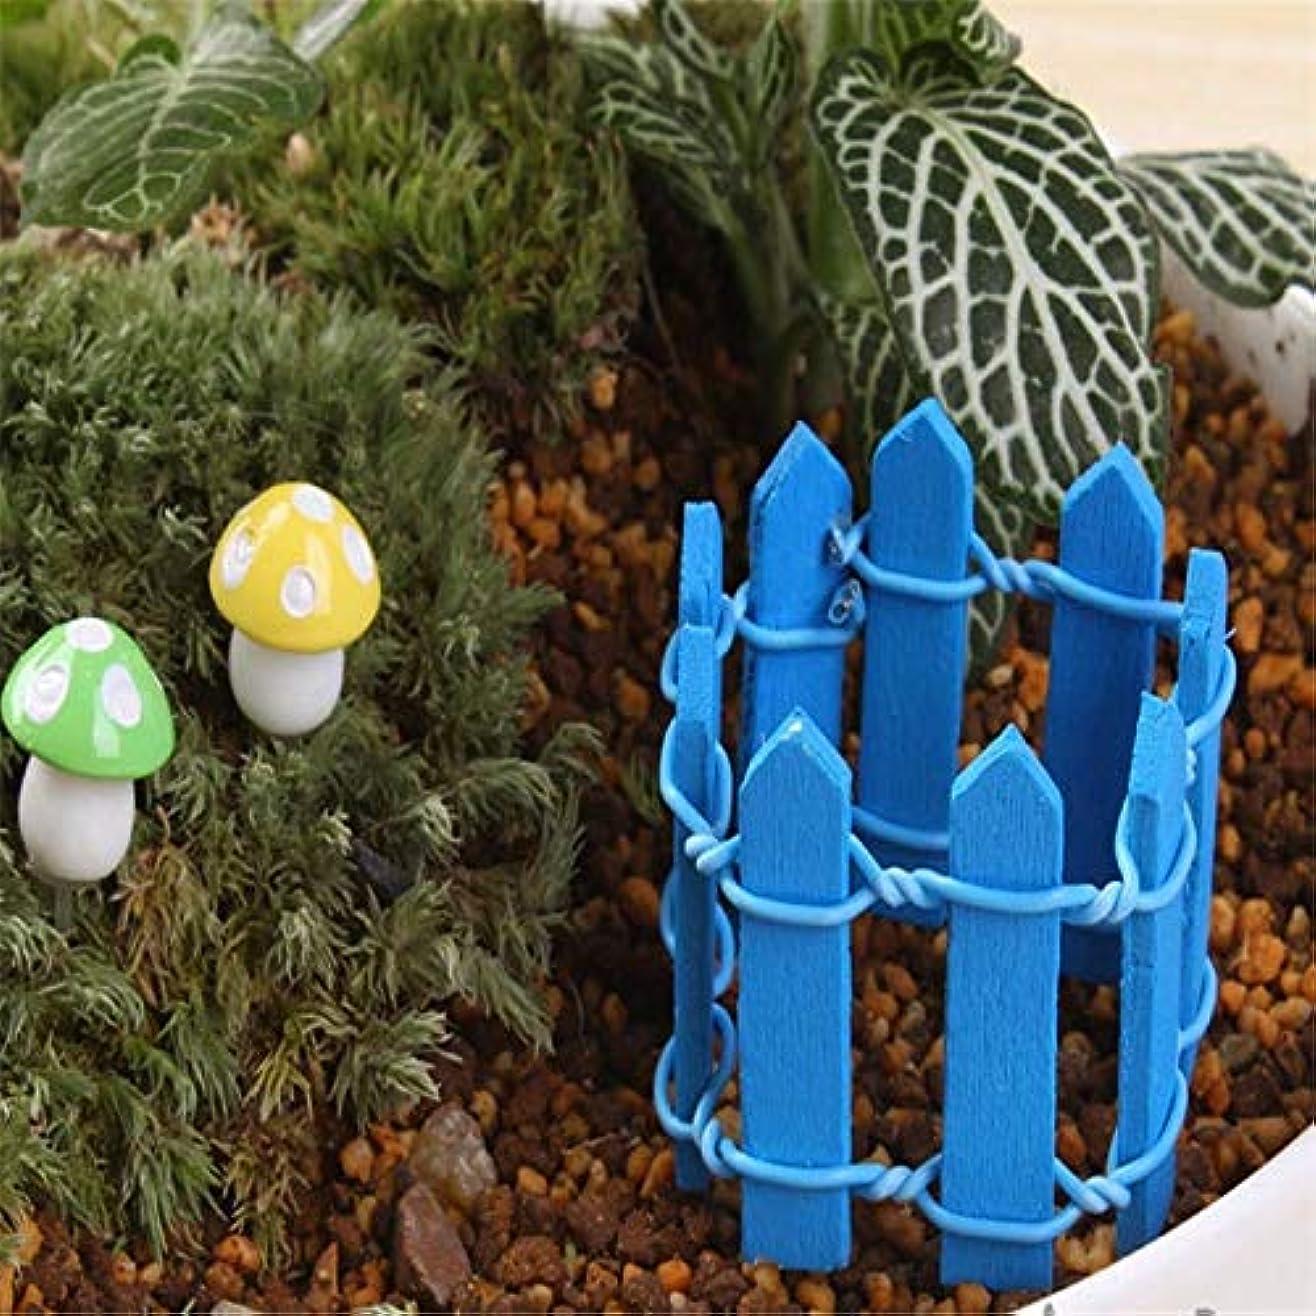 見て冬尊敬するJicorzo - 20個DIY木製の小さなフェンスモステラリウム植木鉢工芸ミニおもちゃフェアリーガーデンミニチュア[ディープブルー]